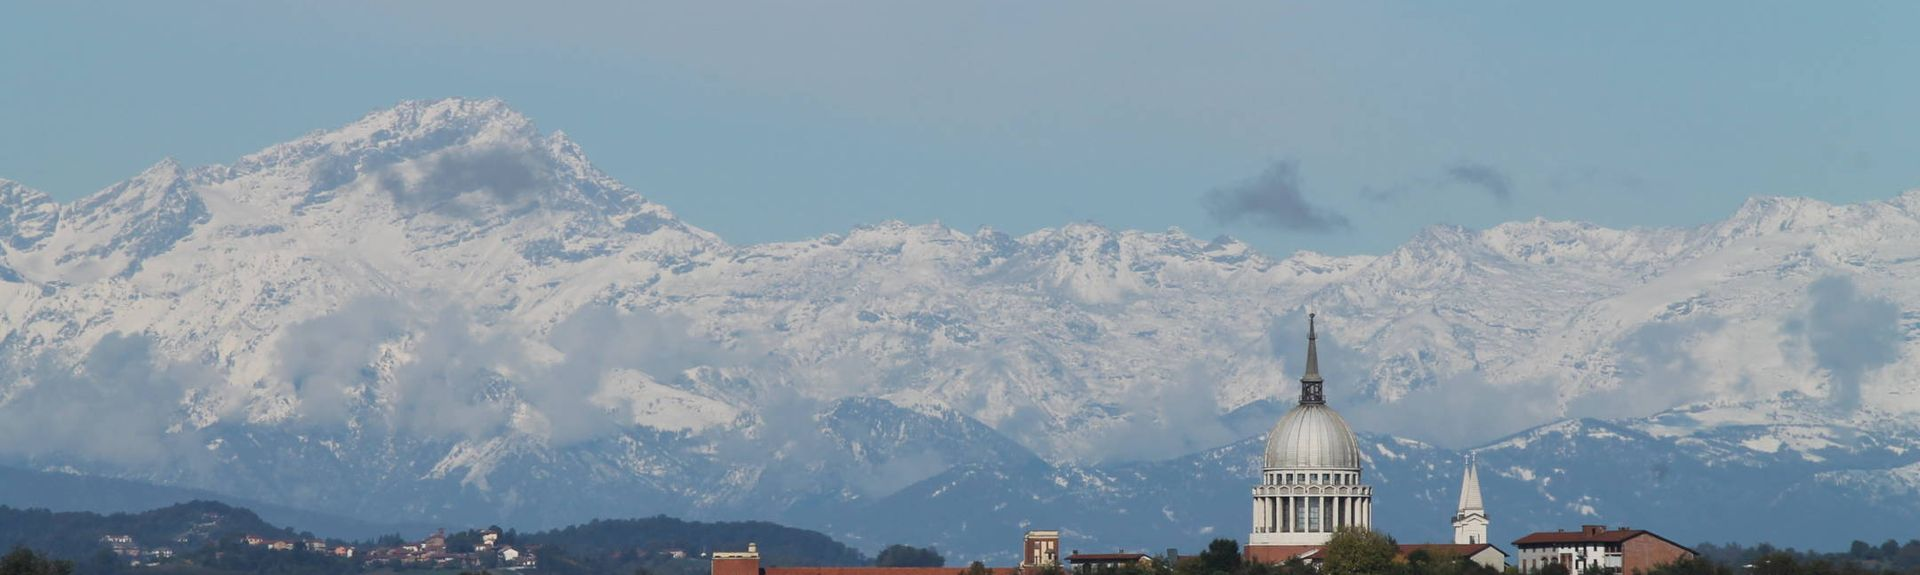 Chieri, Piemonte, Itália